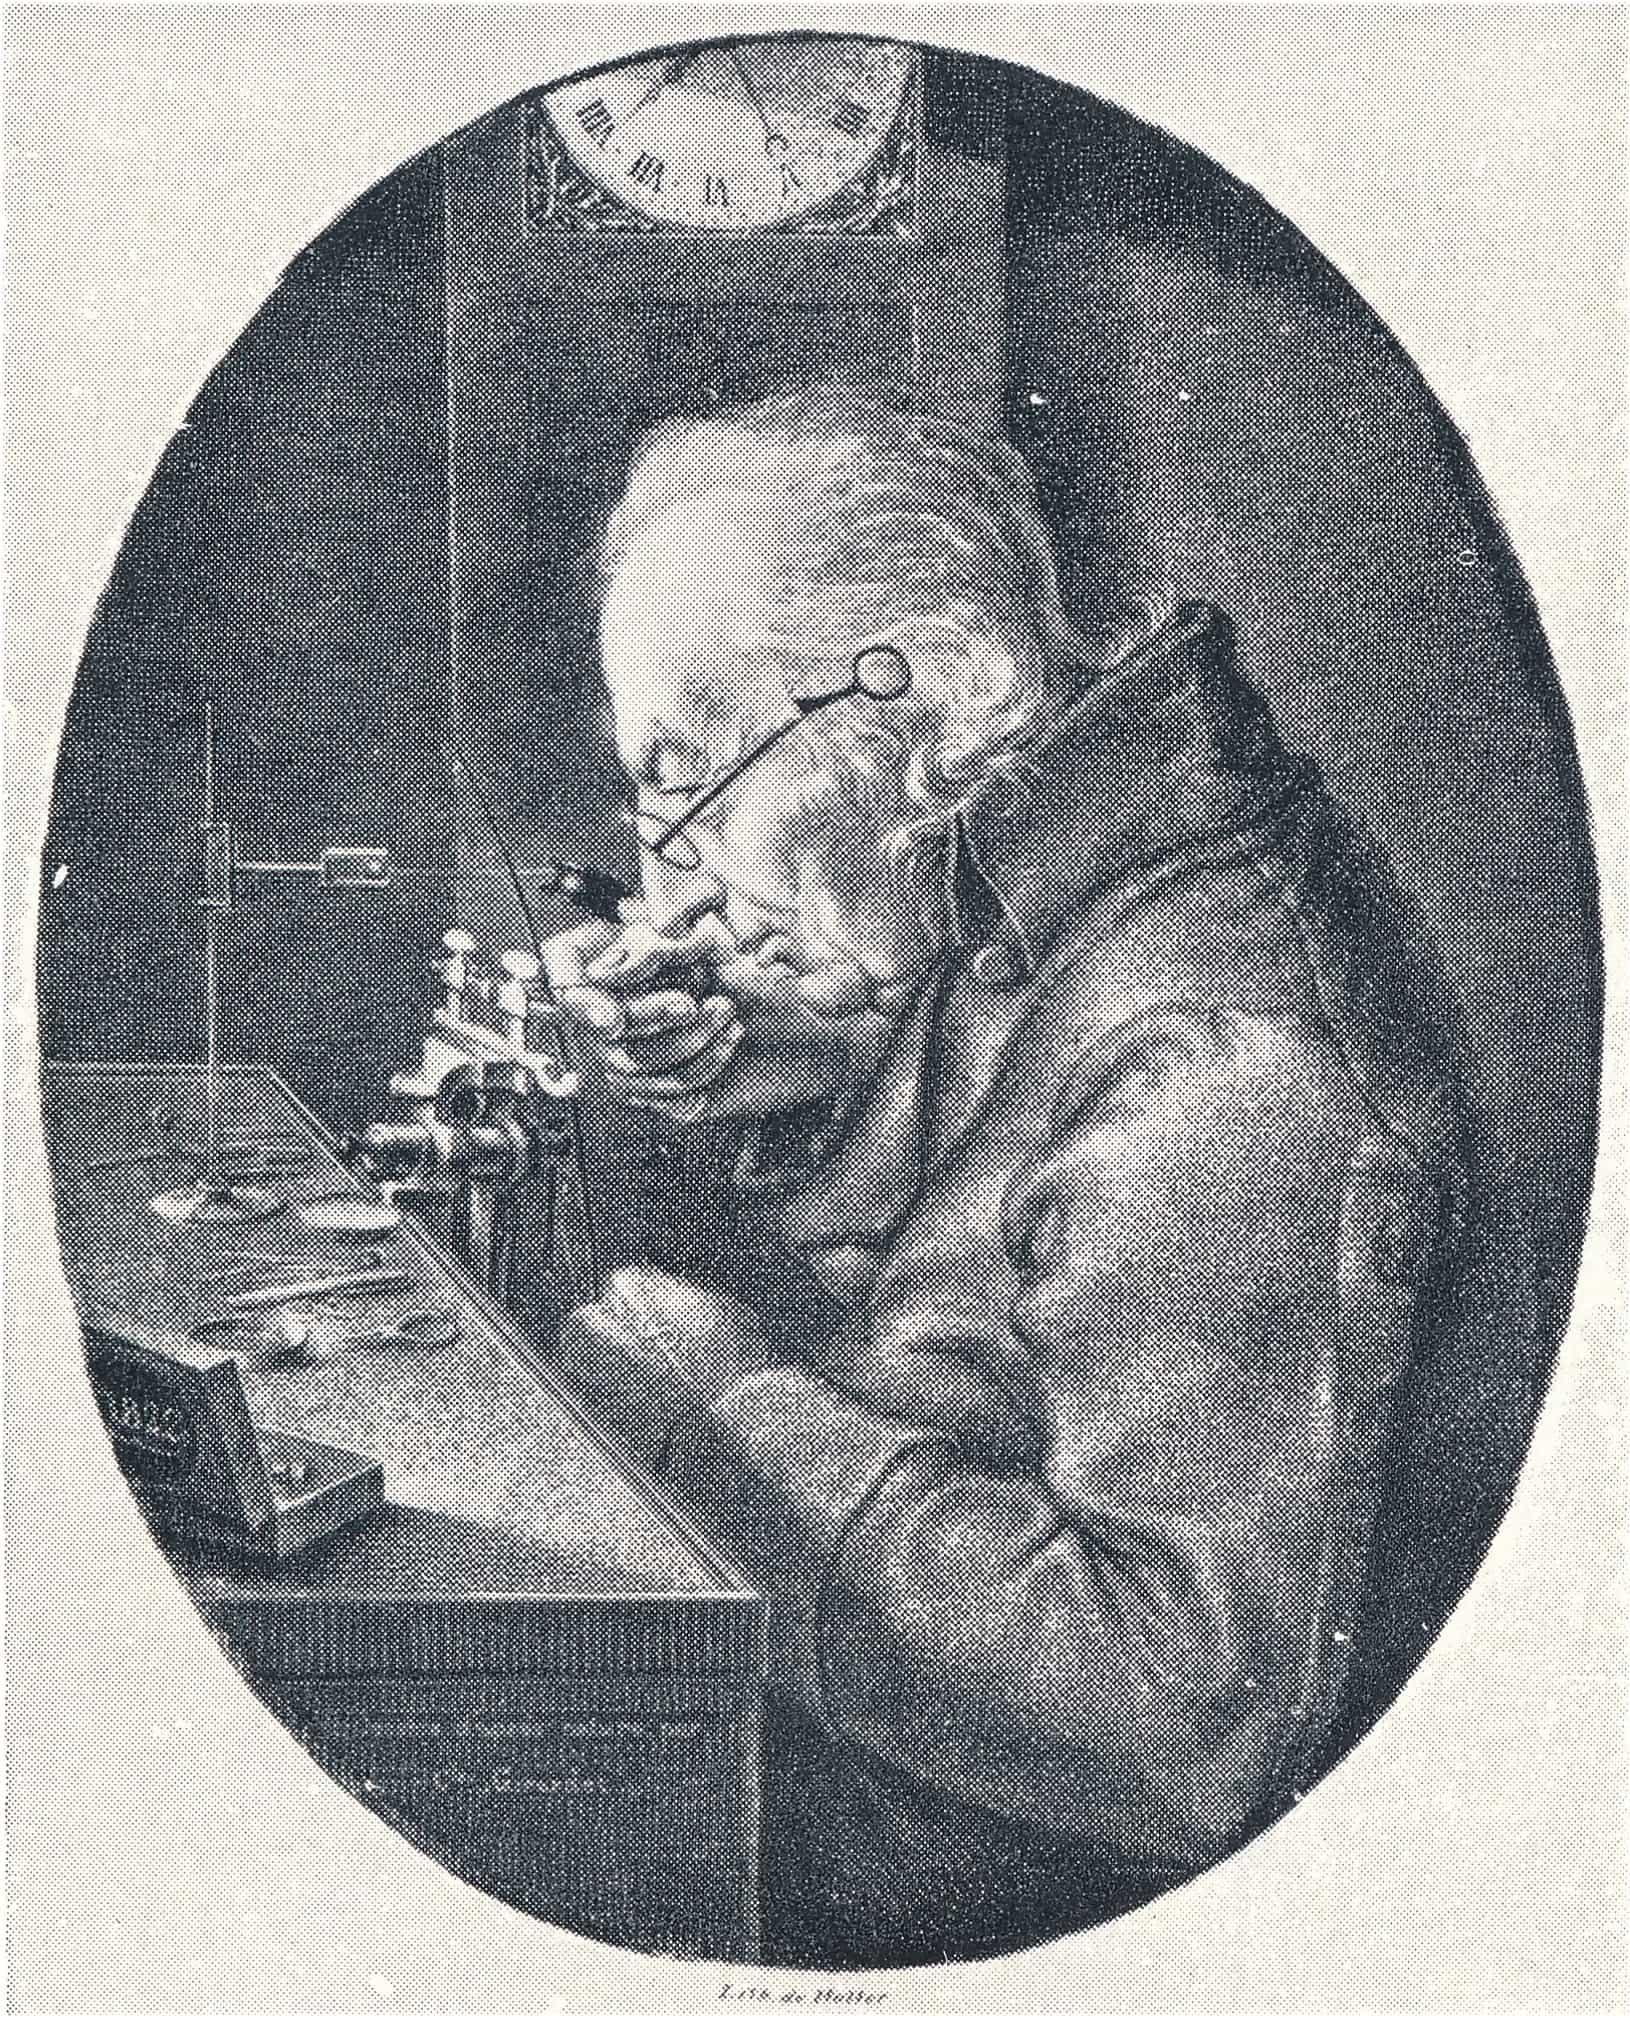 Der Erfinder Abraham-Louis Perrelet in seinen Atelier